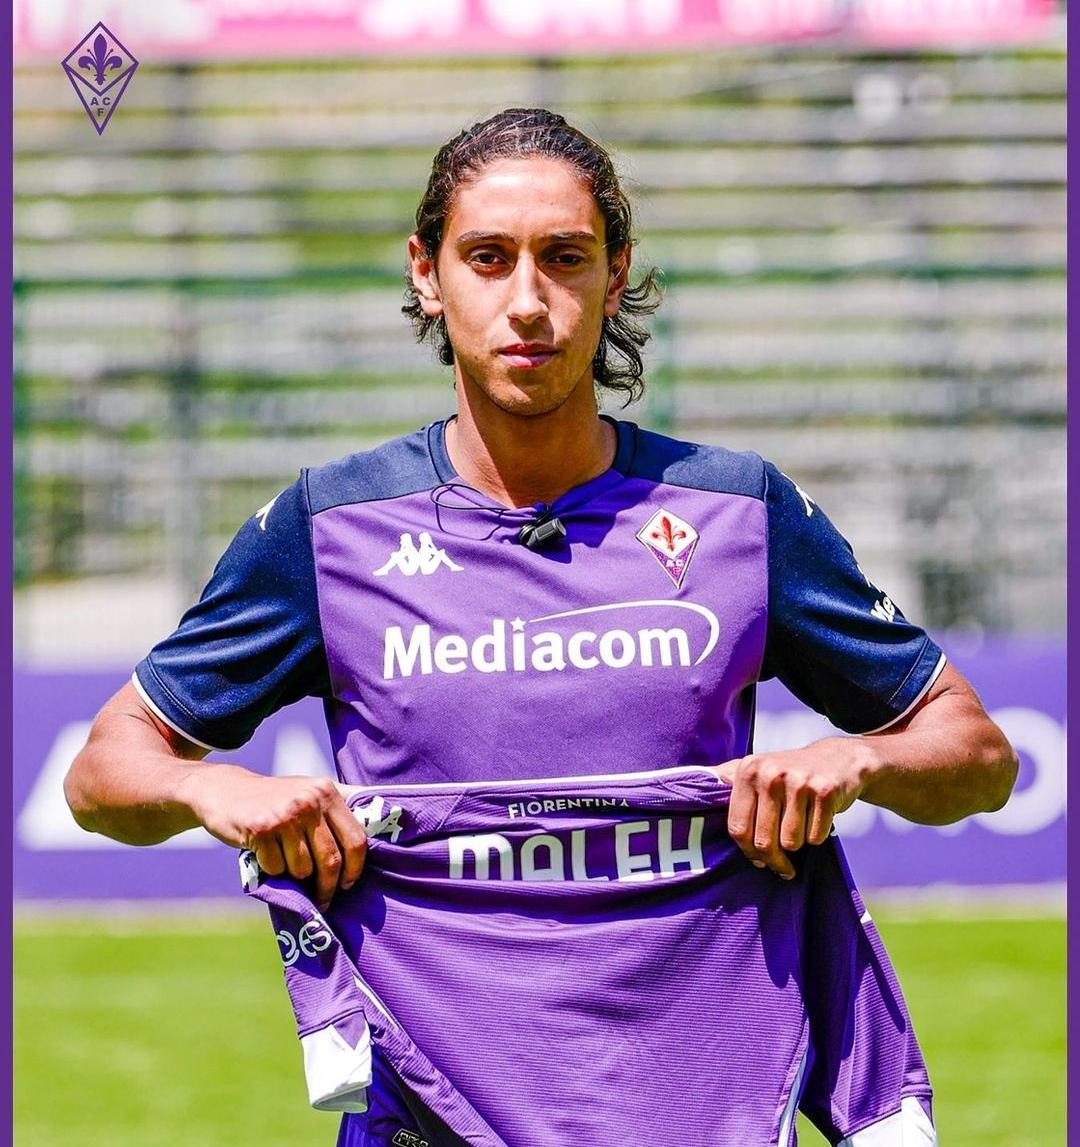 يوسف مالح: أريد إقناع المدرب للبقاء في فيرونتينا